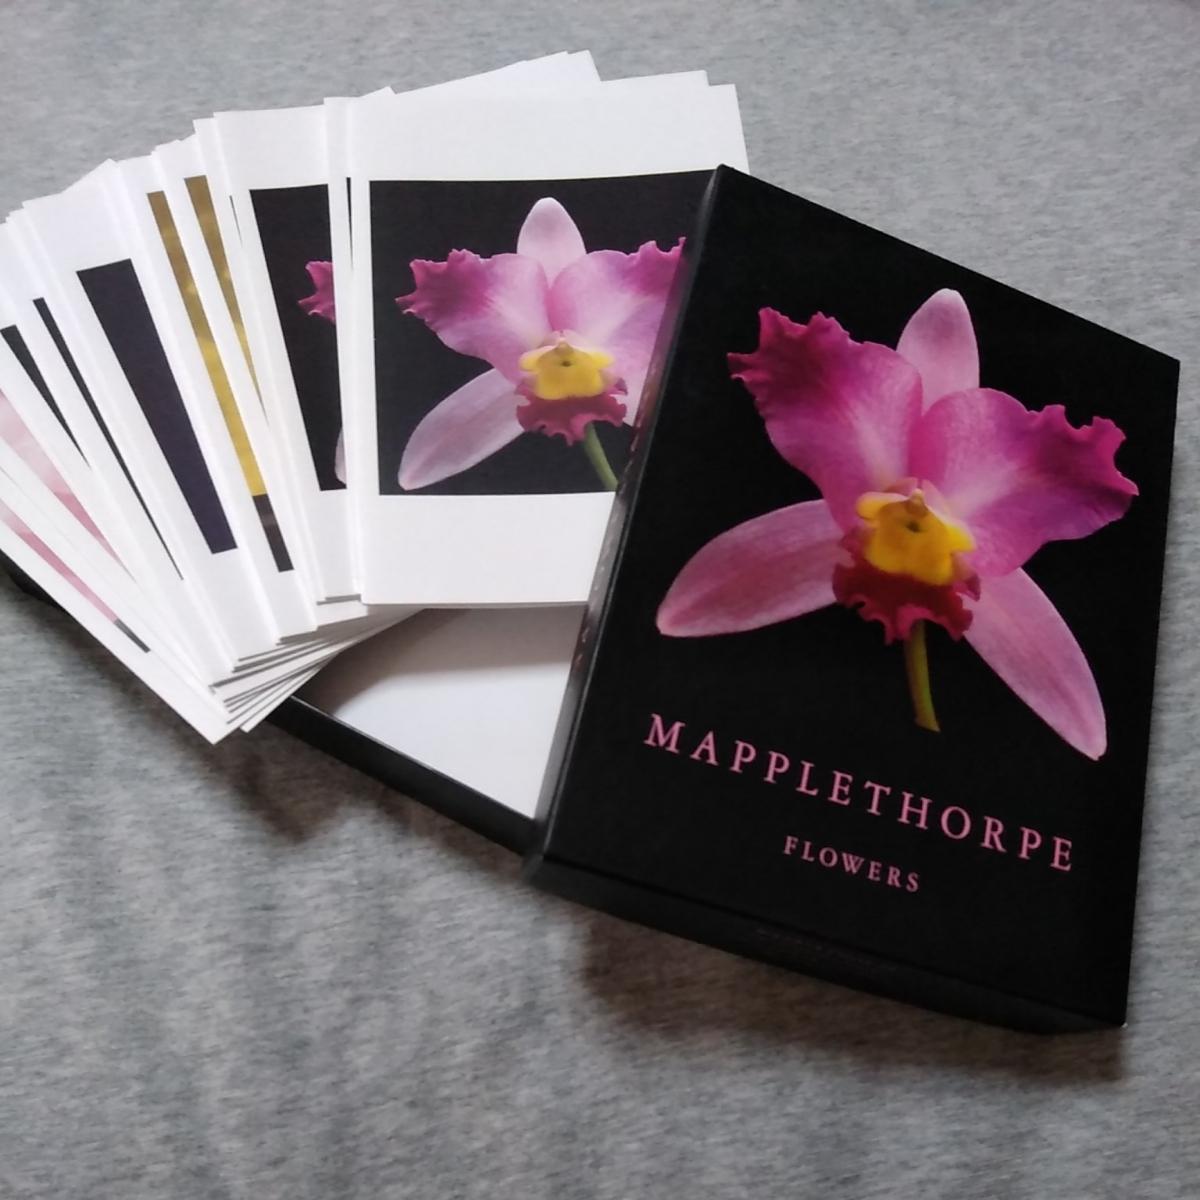 送料込■ロバート・メイプルソープ■FLOWERSグリーティングカードセット未使用(カードと封筒20セット入口)■ROBERT MAPPLETHORPE■写真家